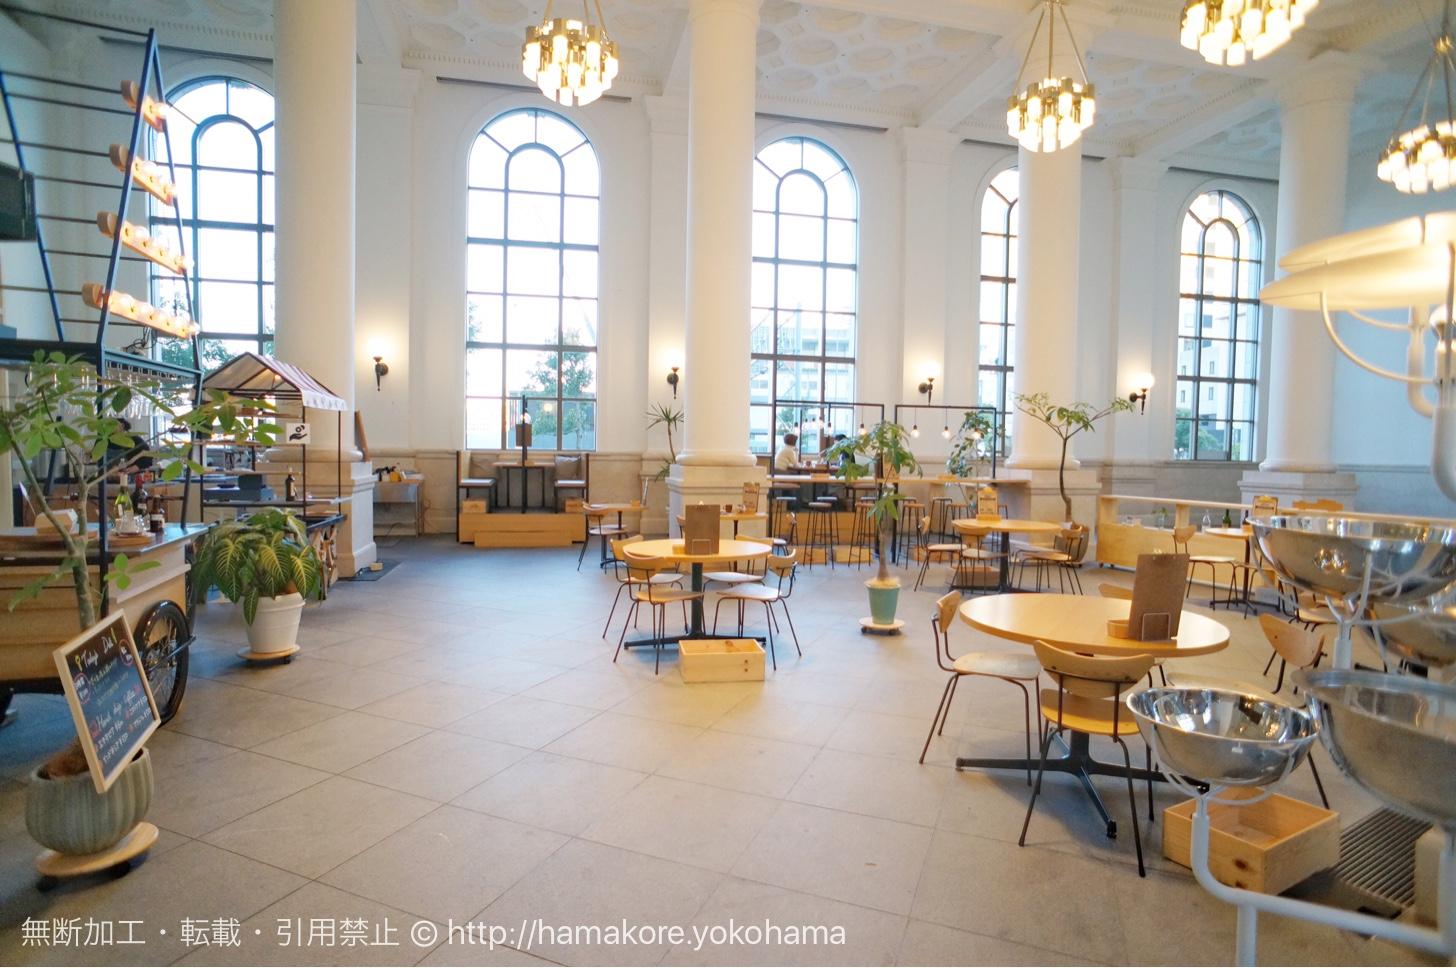 横浜みなとみらい「カフェ オムニバス」の空間が魅力!歴史的建物のお洒落カフェ